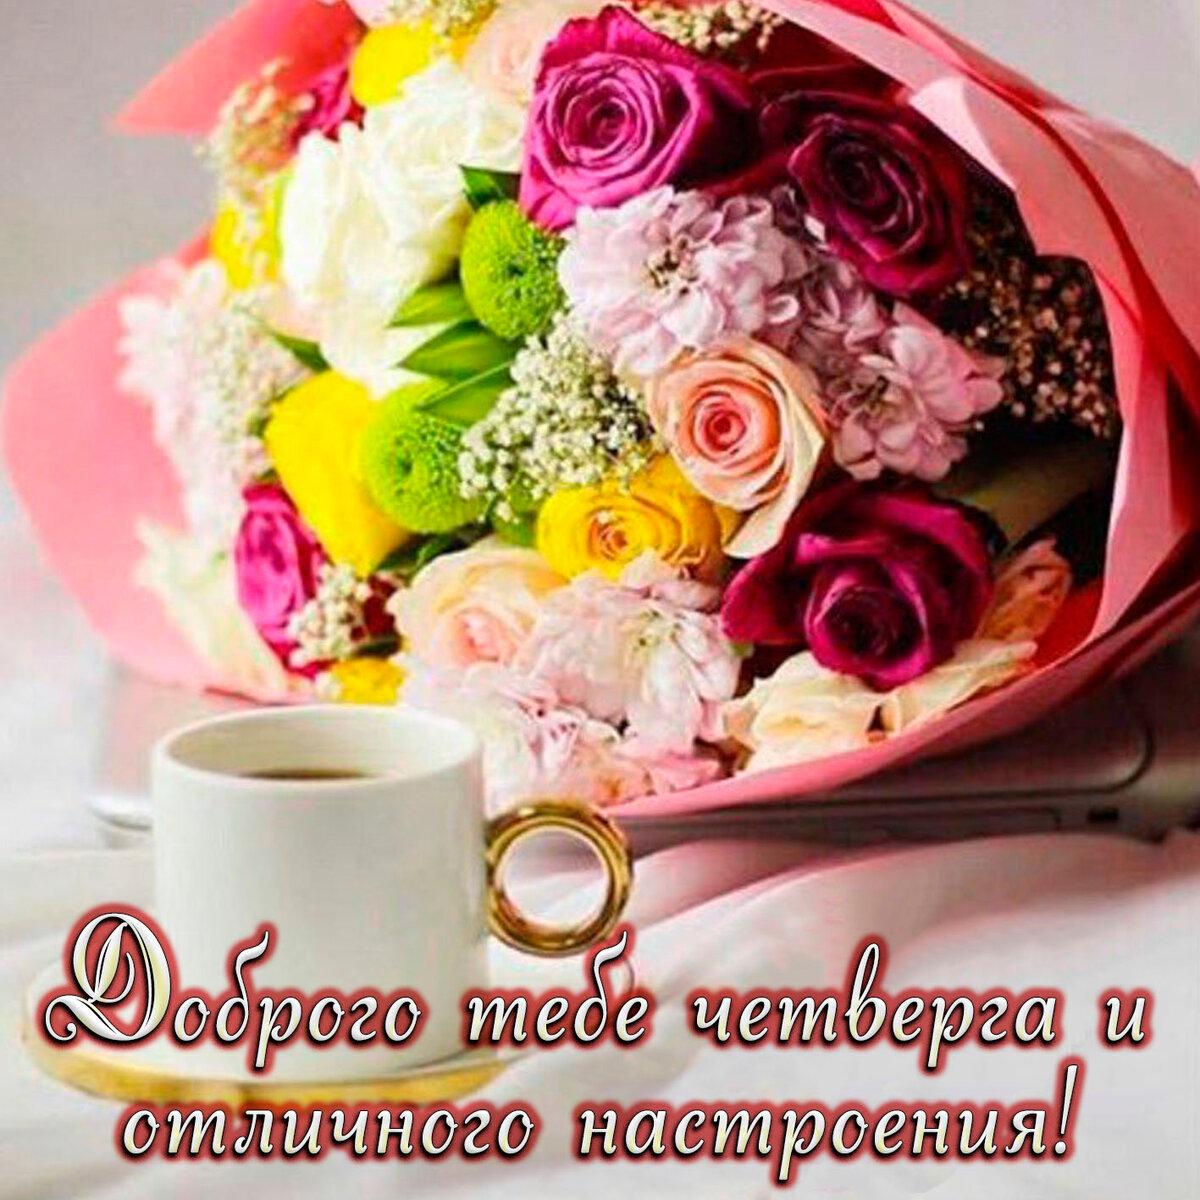 цветы картинка и пожелание доброго утра более чем